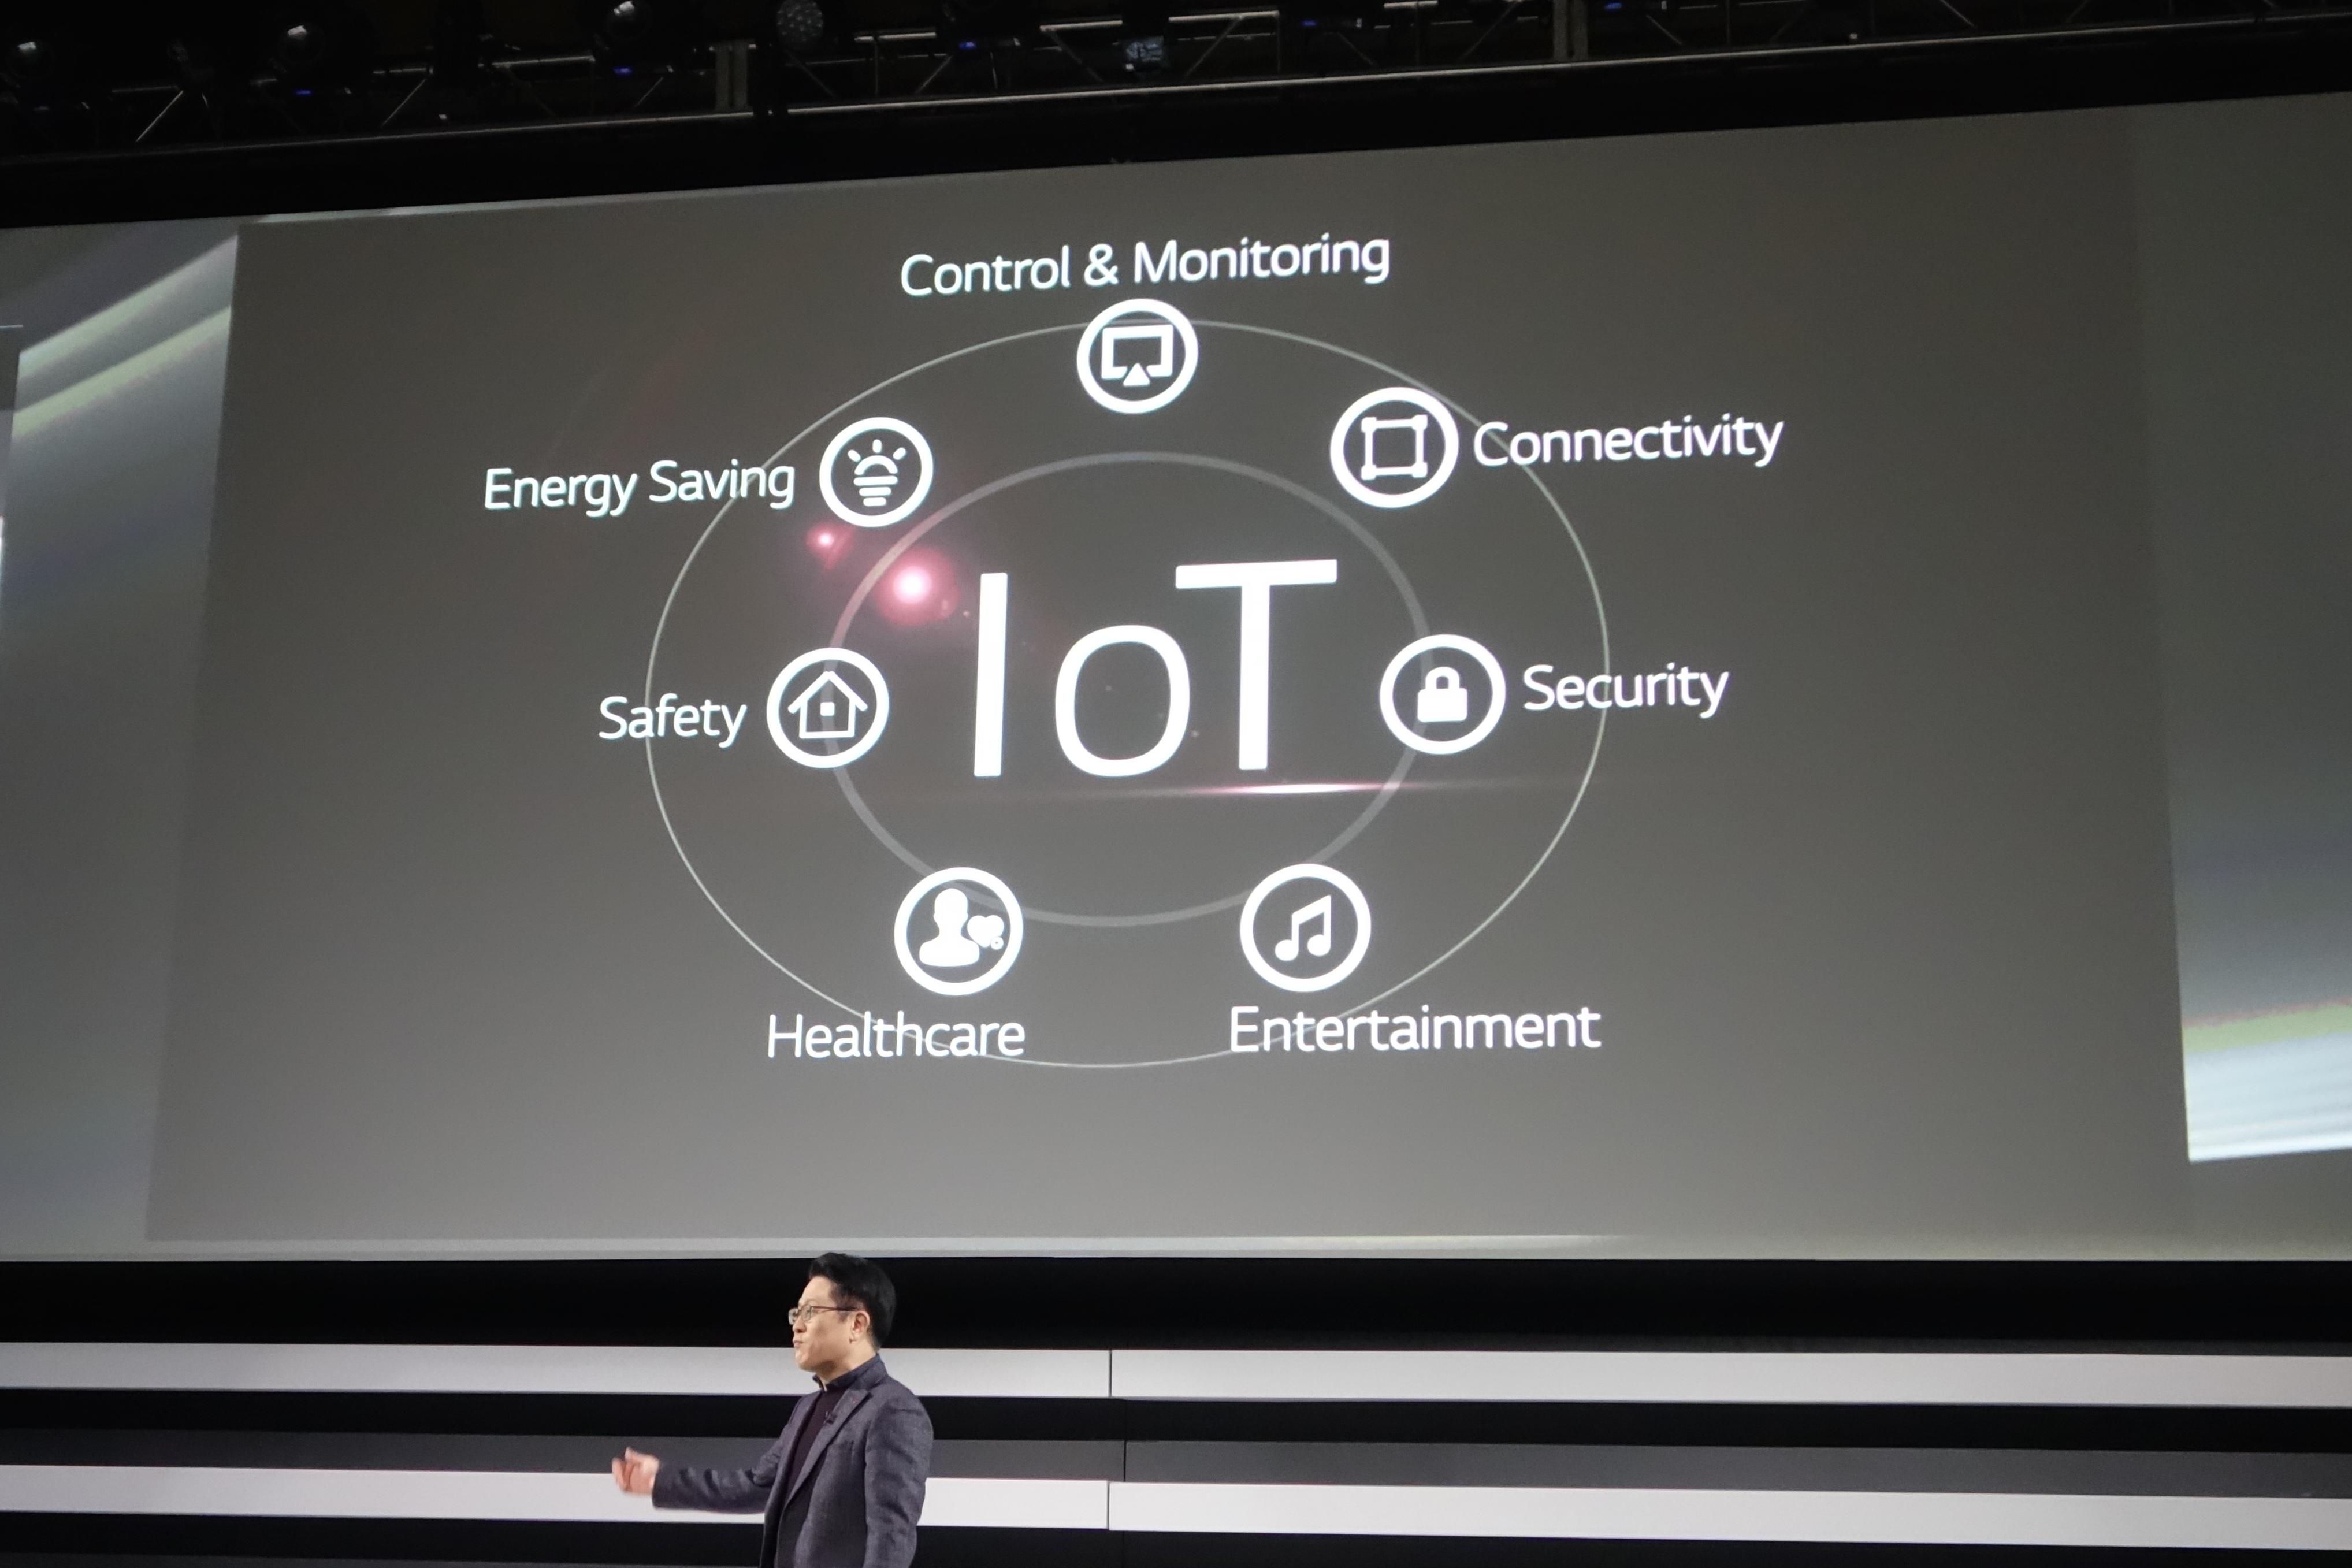 LG電子は、IoTプラットフォームを重視を宣言。「ホテル向けテレビ」も、webOSベースで作ると発表している